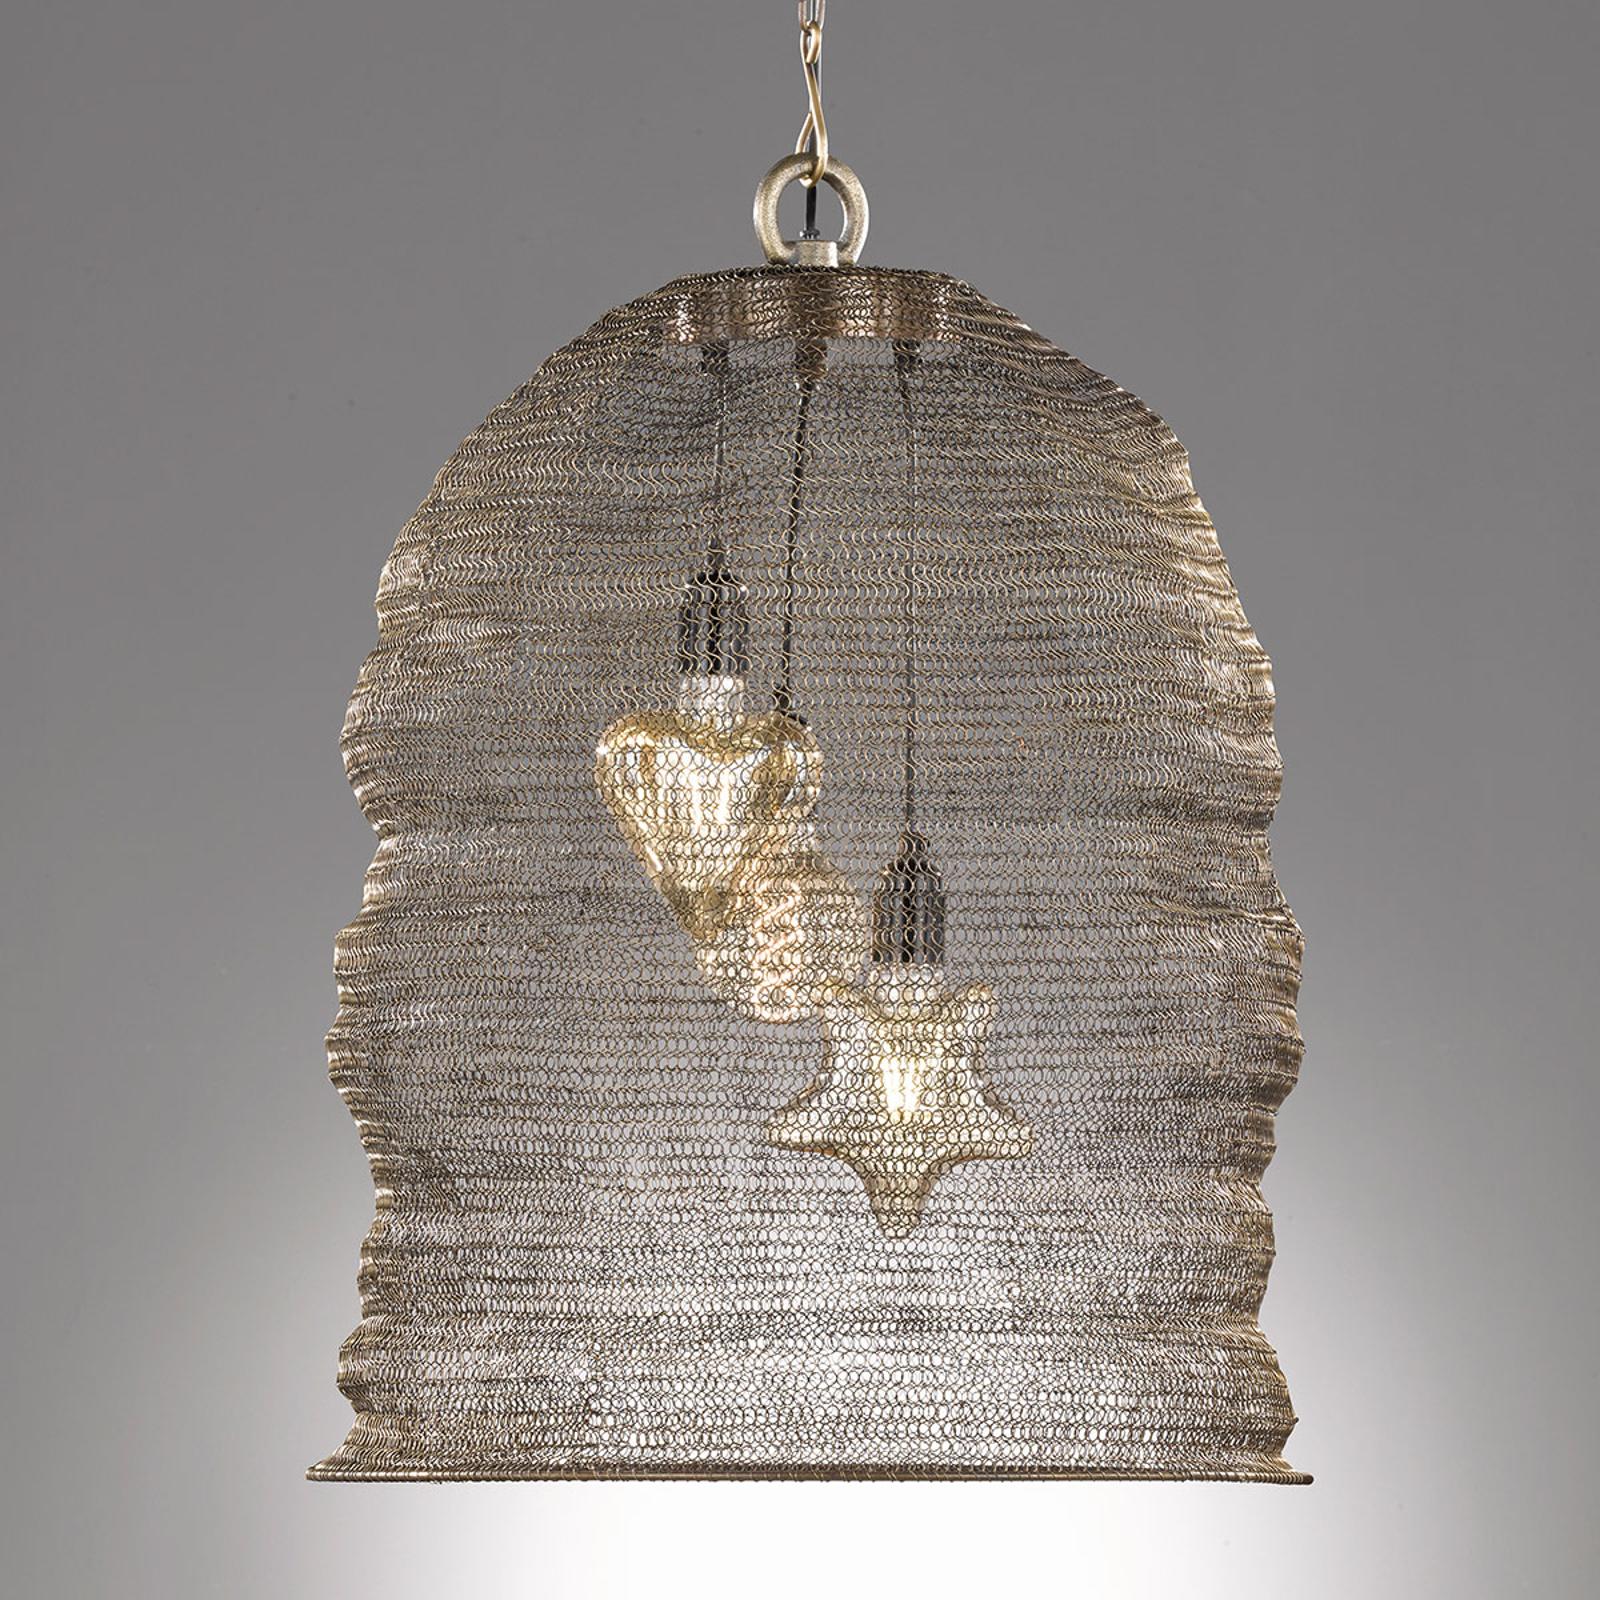 Acquista 60302 - lampada a sospensione a gabbia Ø 52 cm